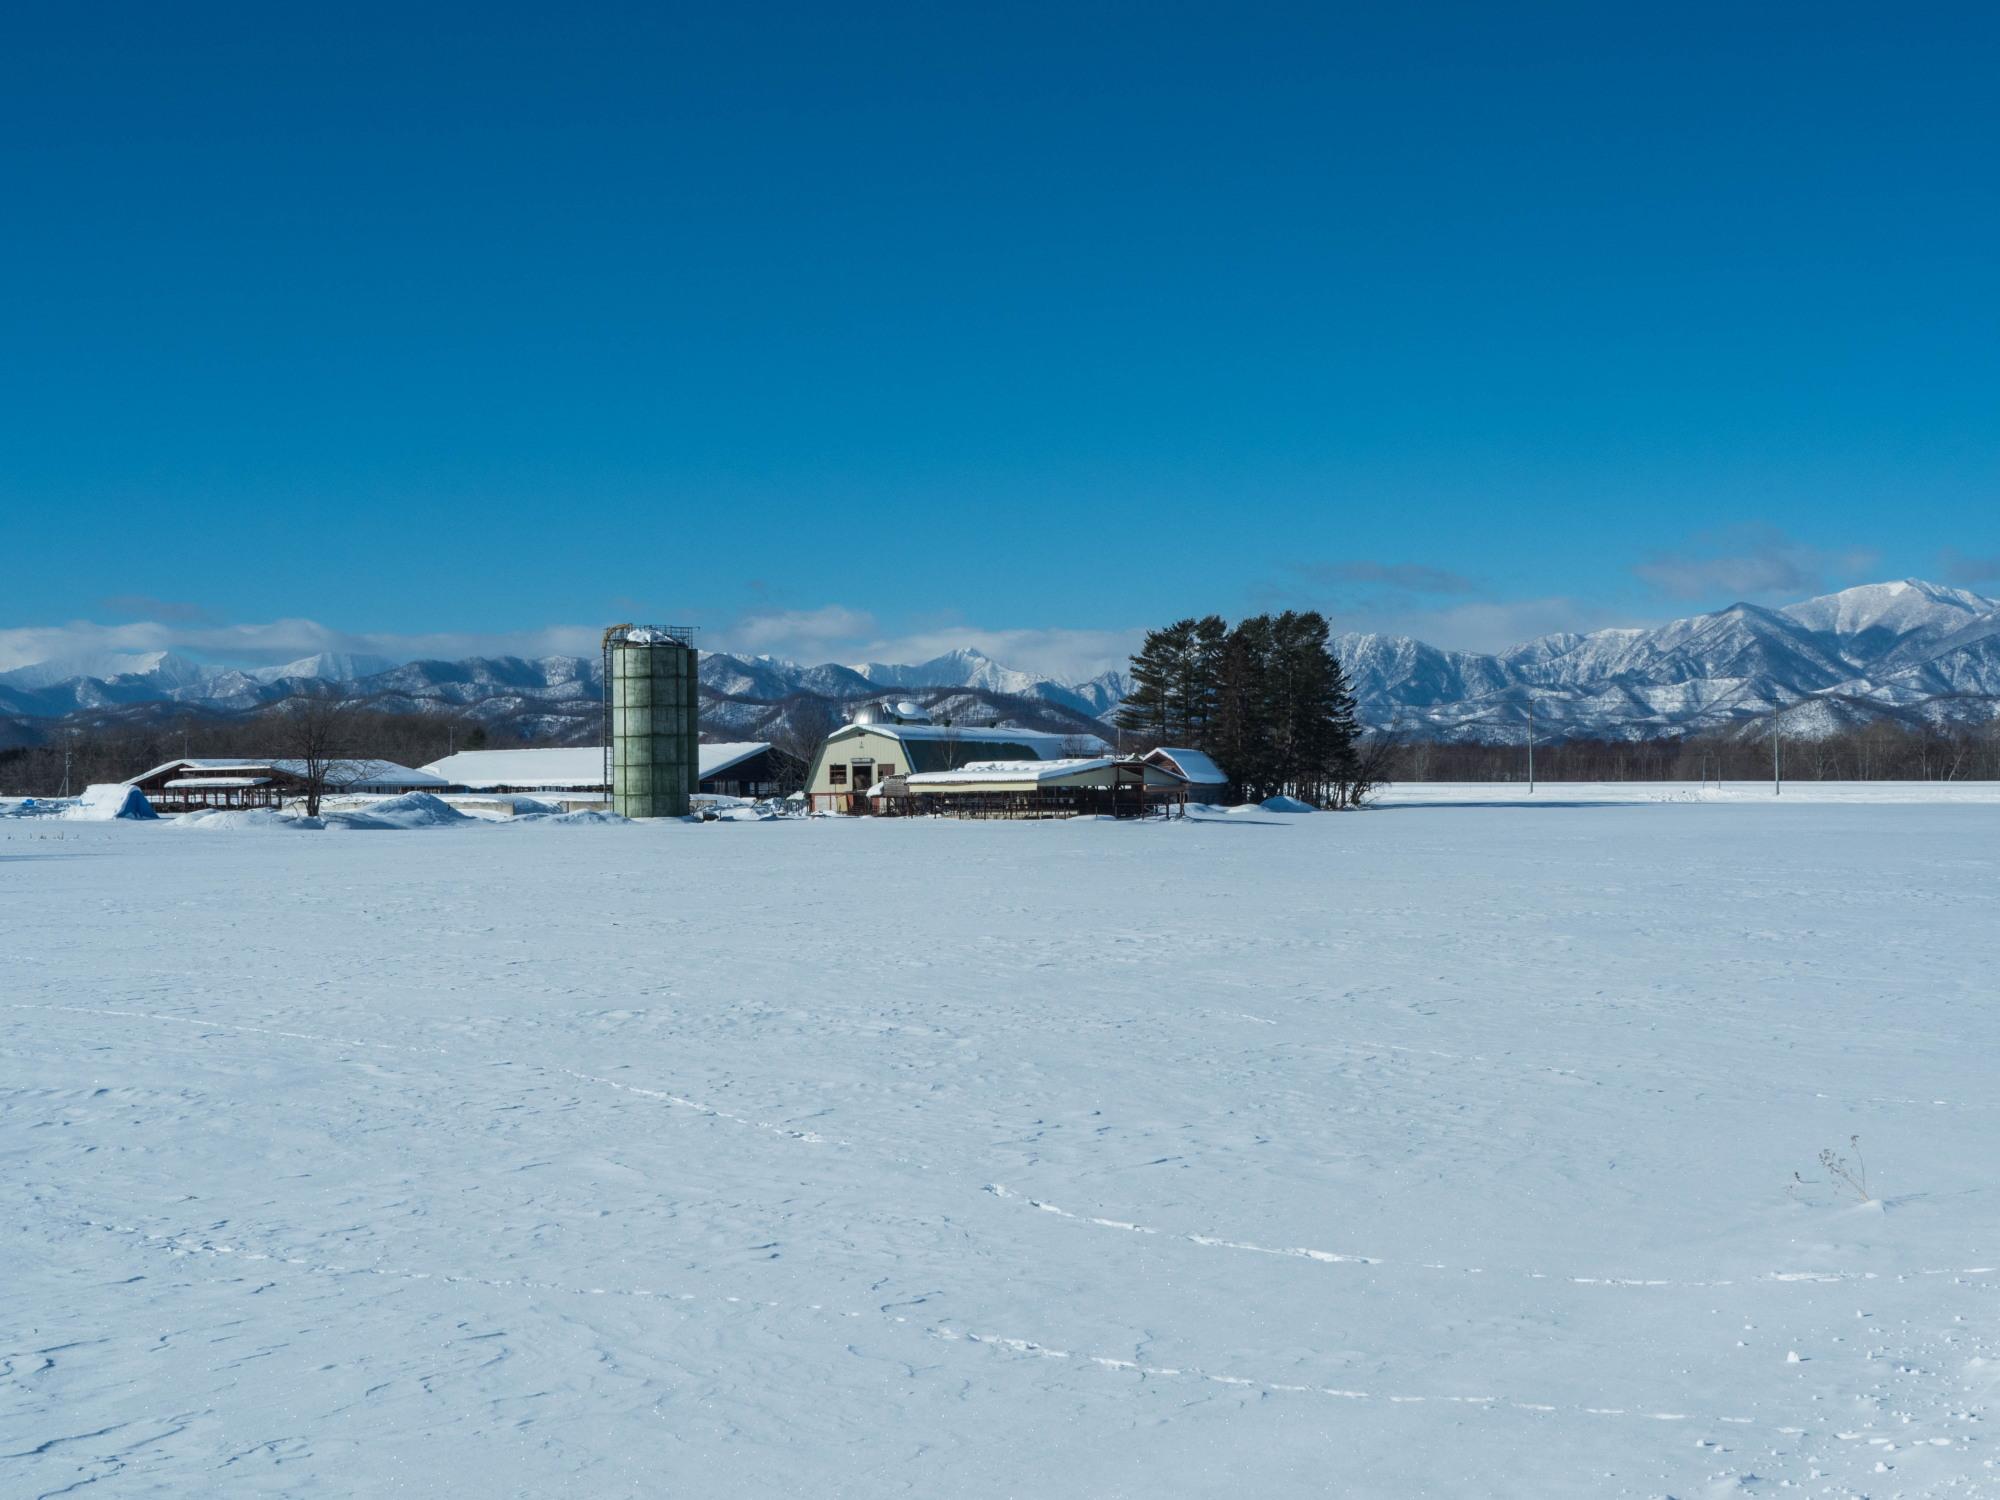 十勝らしい冬の快晴・・見渡す限り真っ白な雪原と日高山脈_f0276498_17393173.jpg